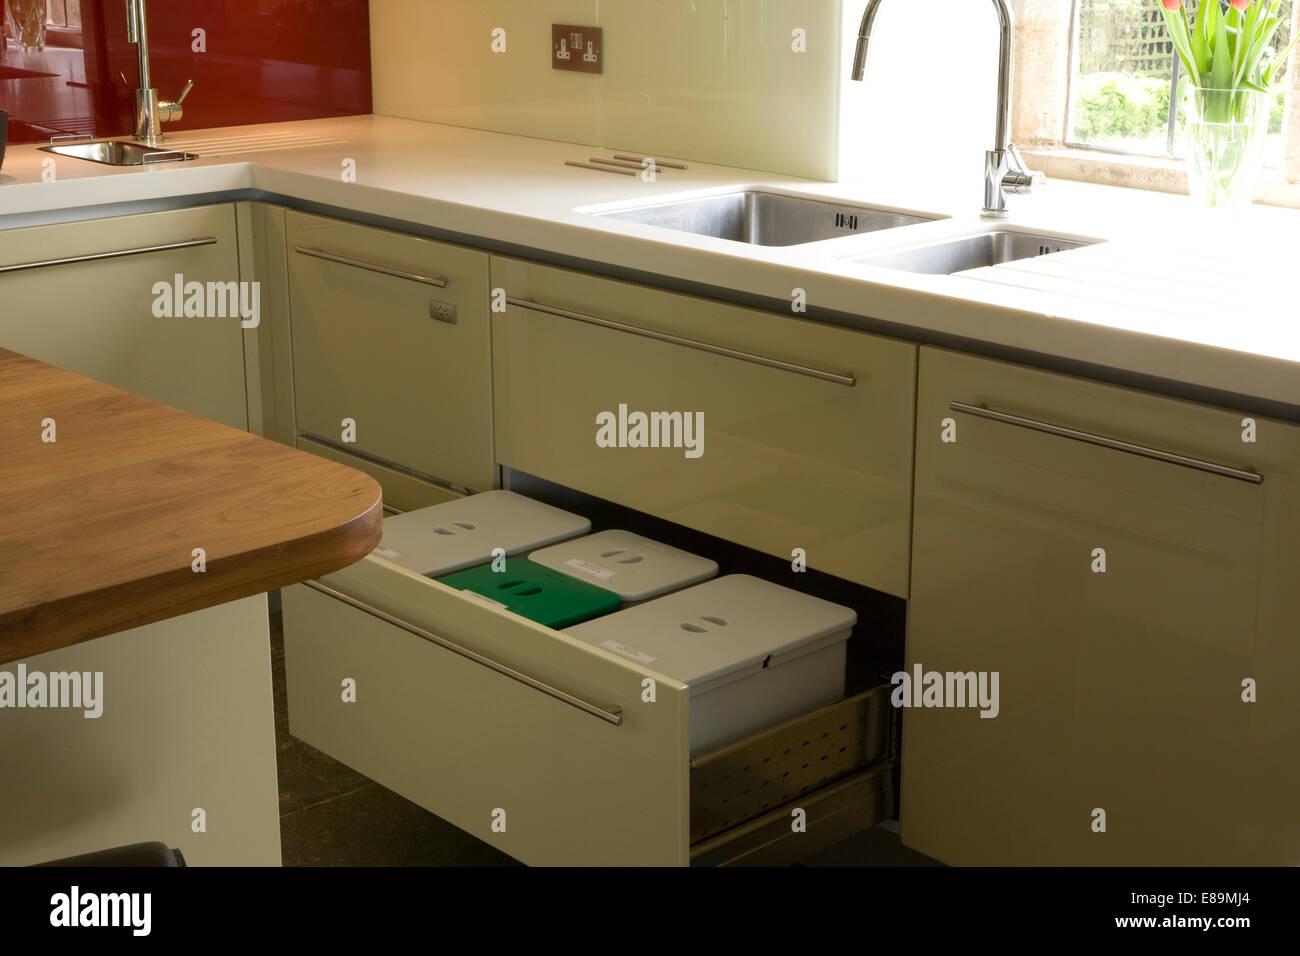 Kunststoff Kompost Und Recycling Behalter In Der Schublade Unter Der